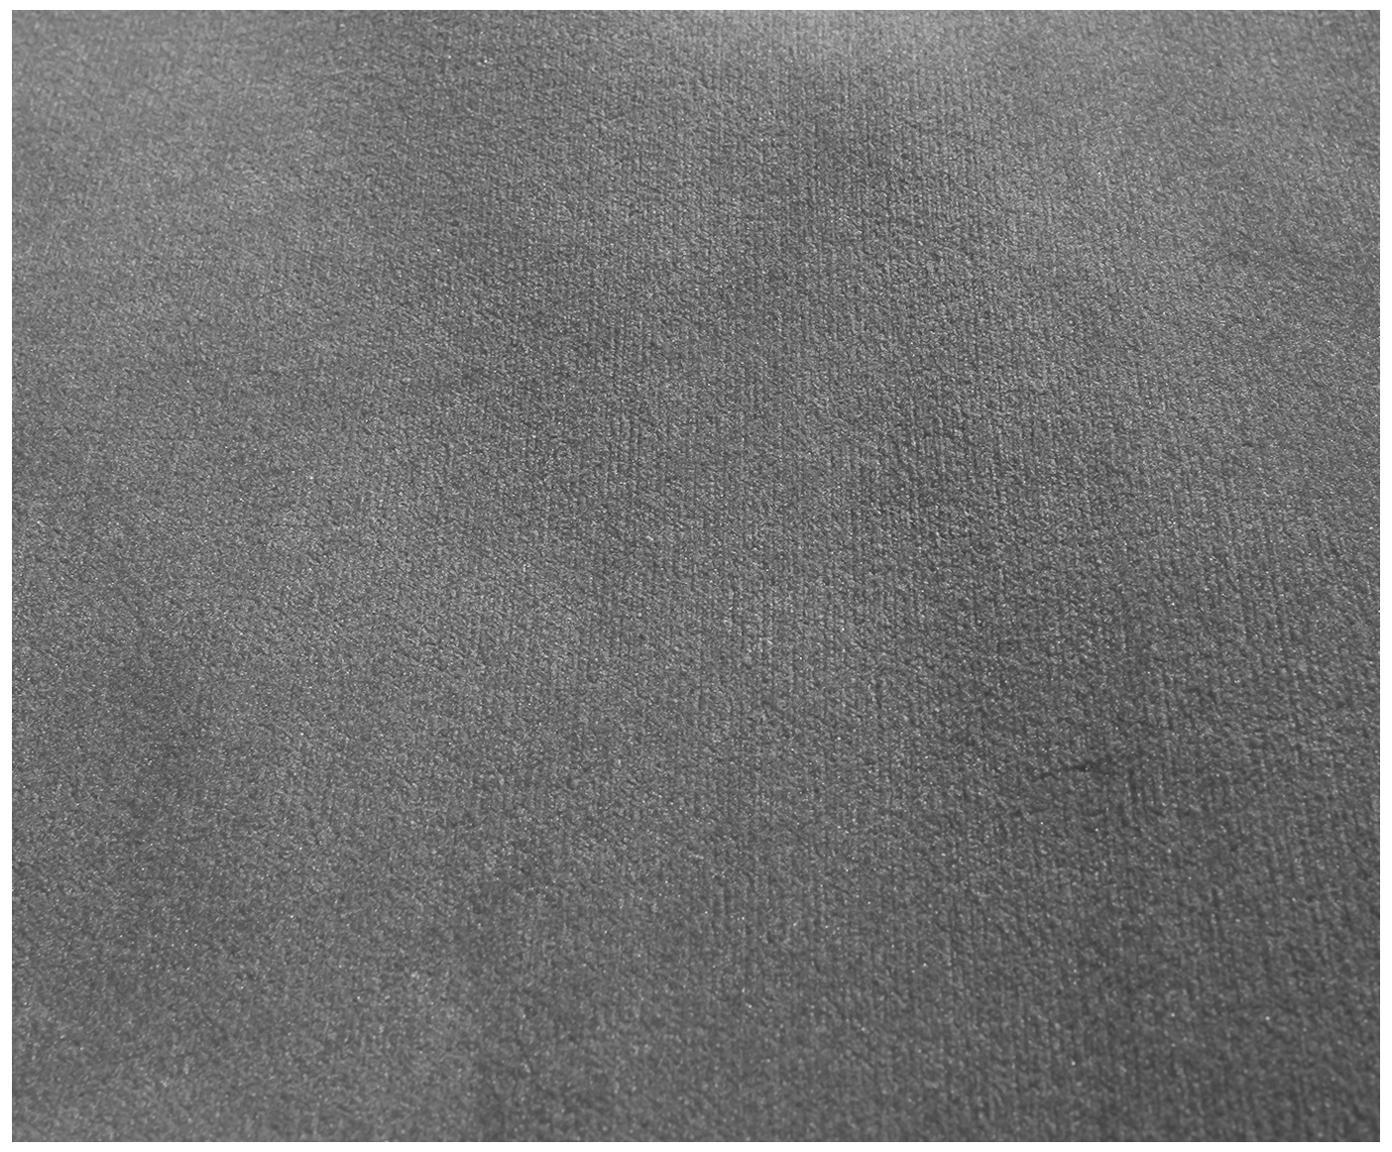 Chaise-longue in velluto Wind, Rivestimento: velluto di poliestere 45., Piedini: legno di quercia vernicia, Sottostruttura: truciolato, Grigio chiaro, Larg. 200 x Alt. 74 cm